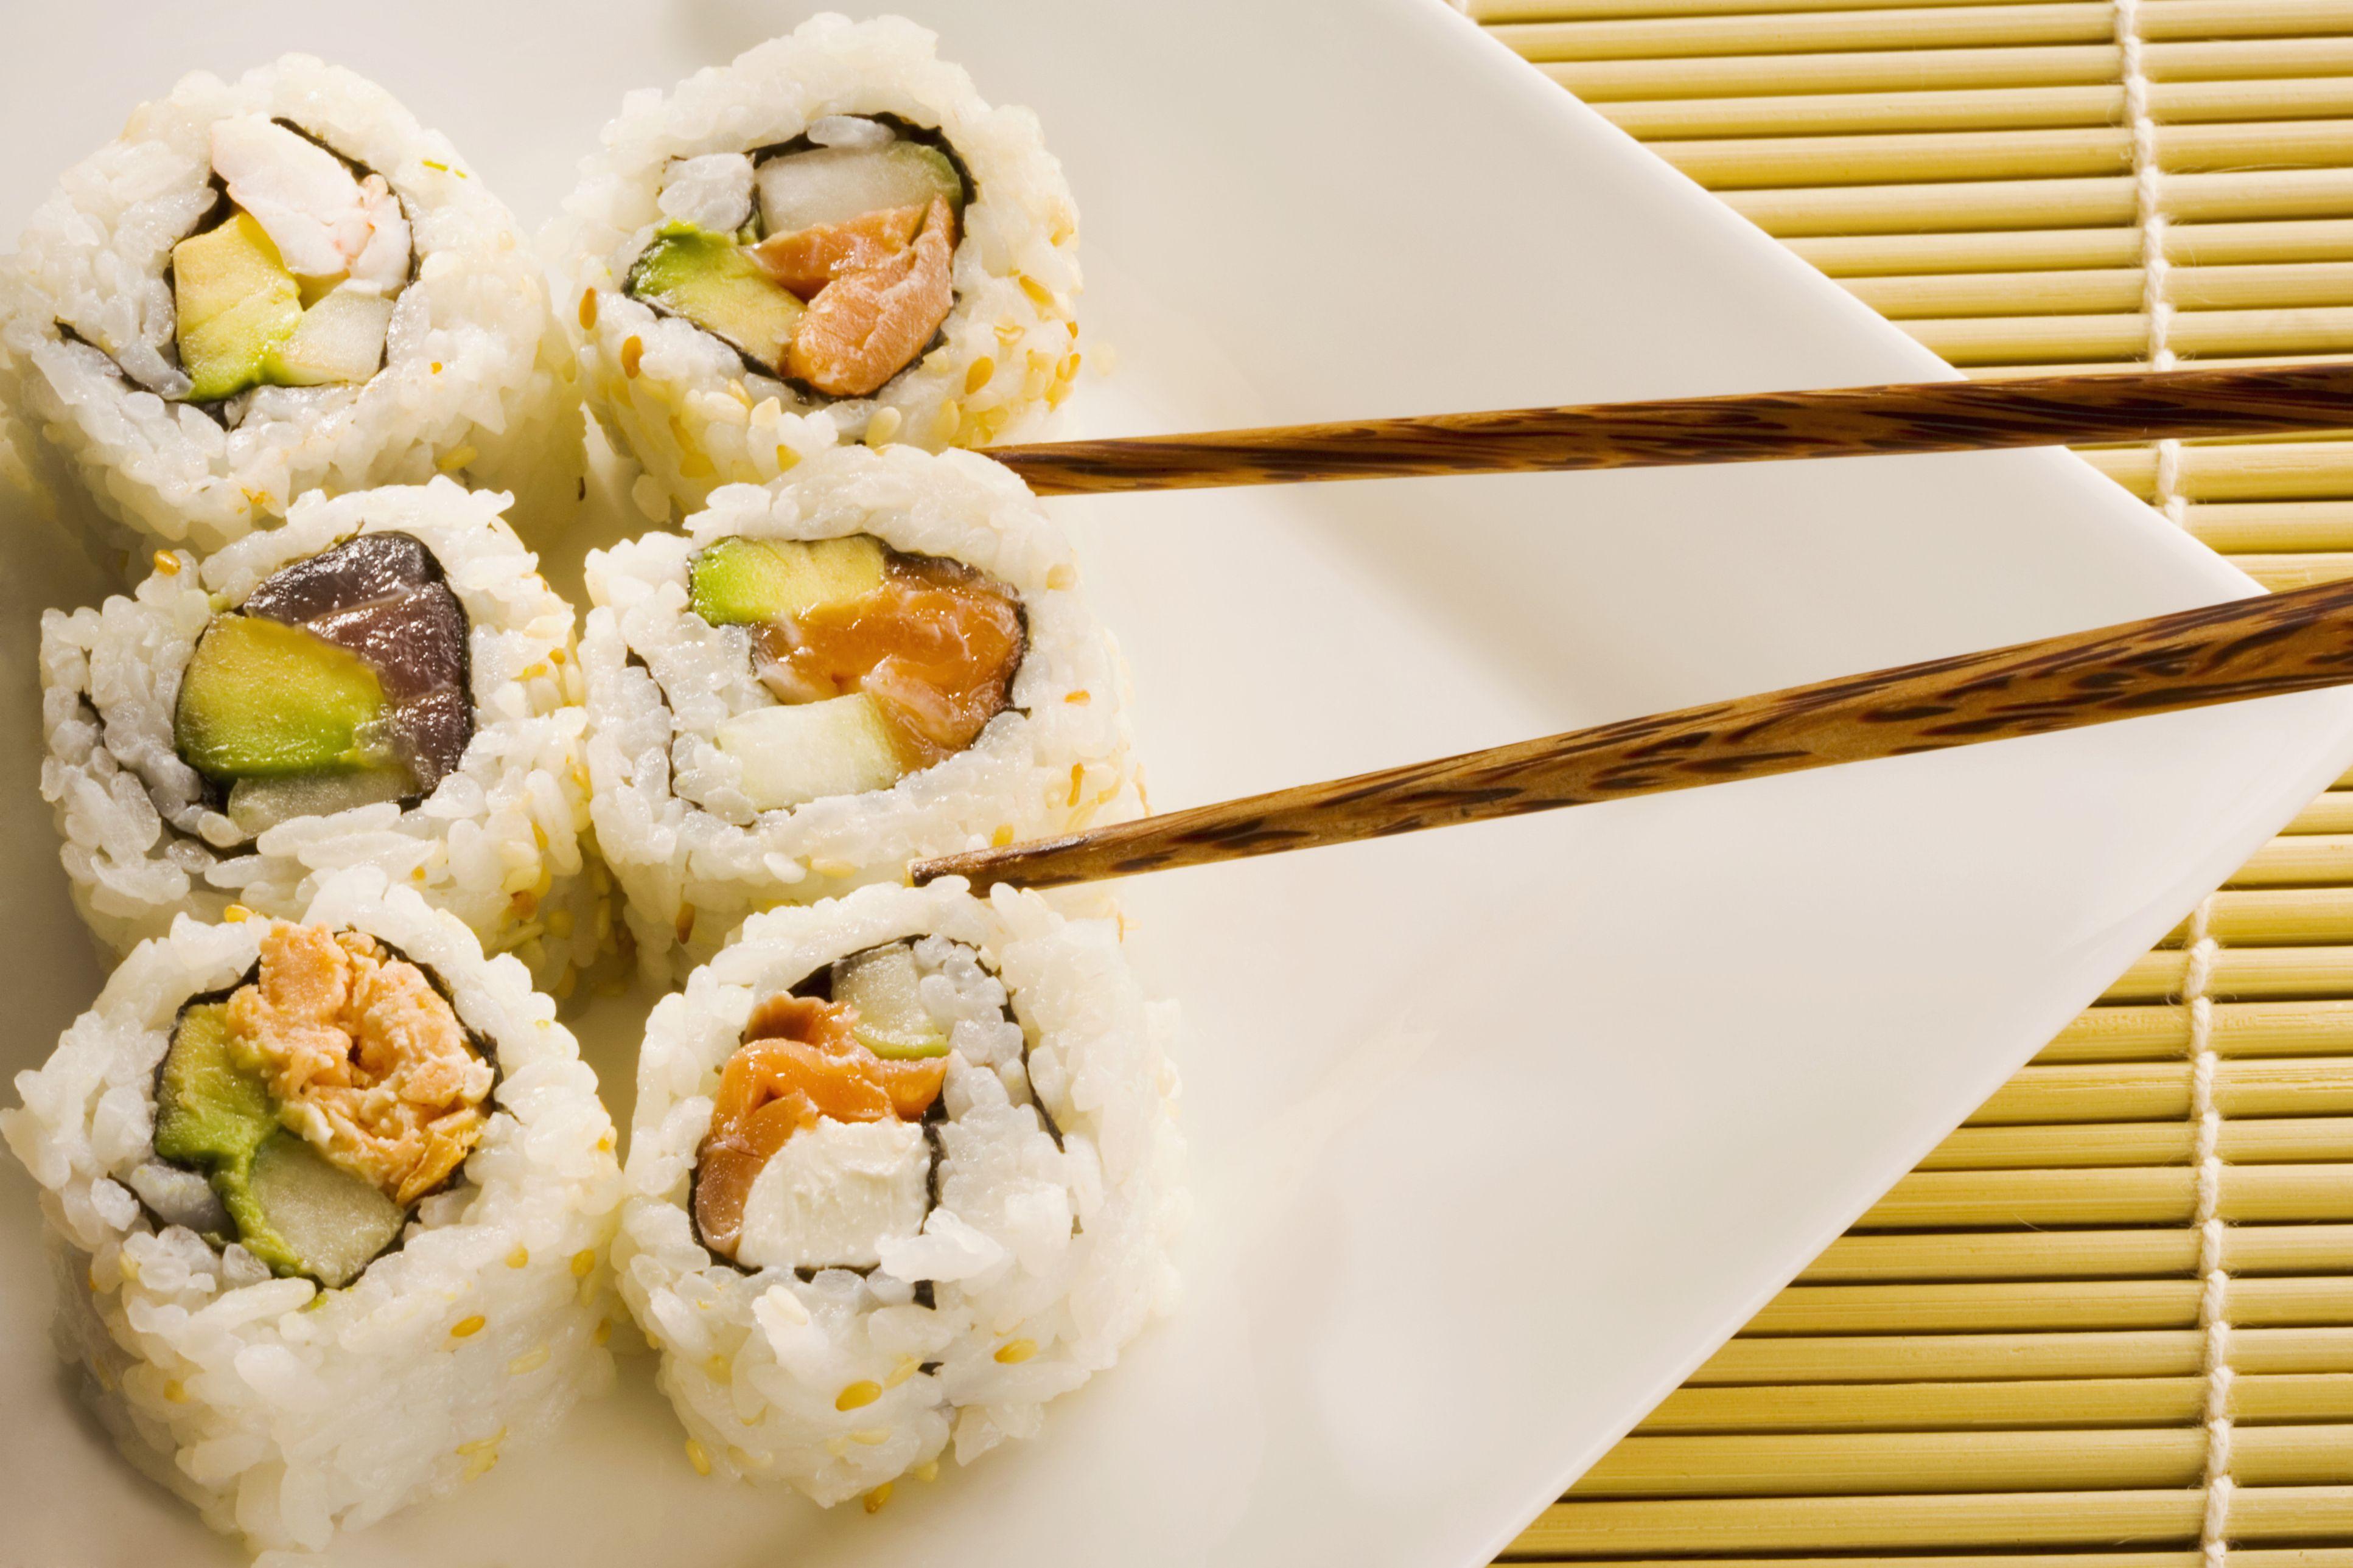 Aprende 10 formas baratas y rápidas para comer pescado